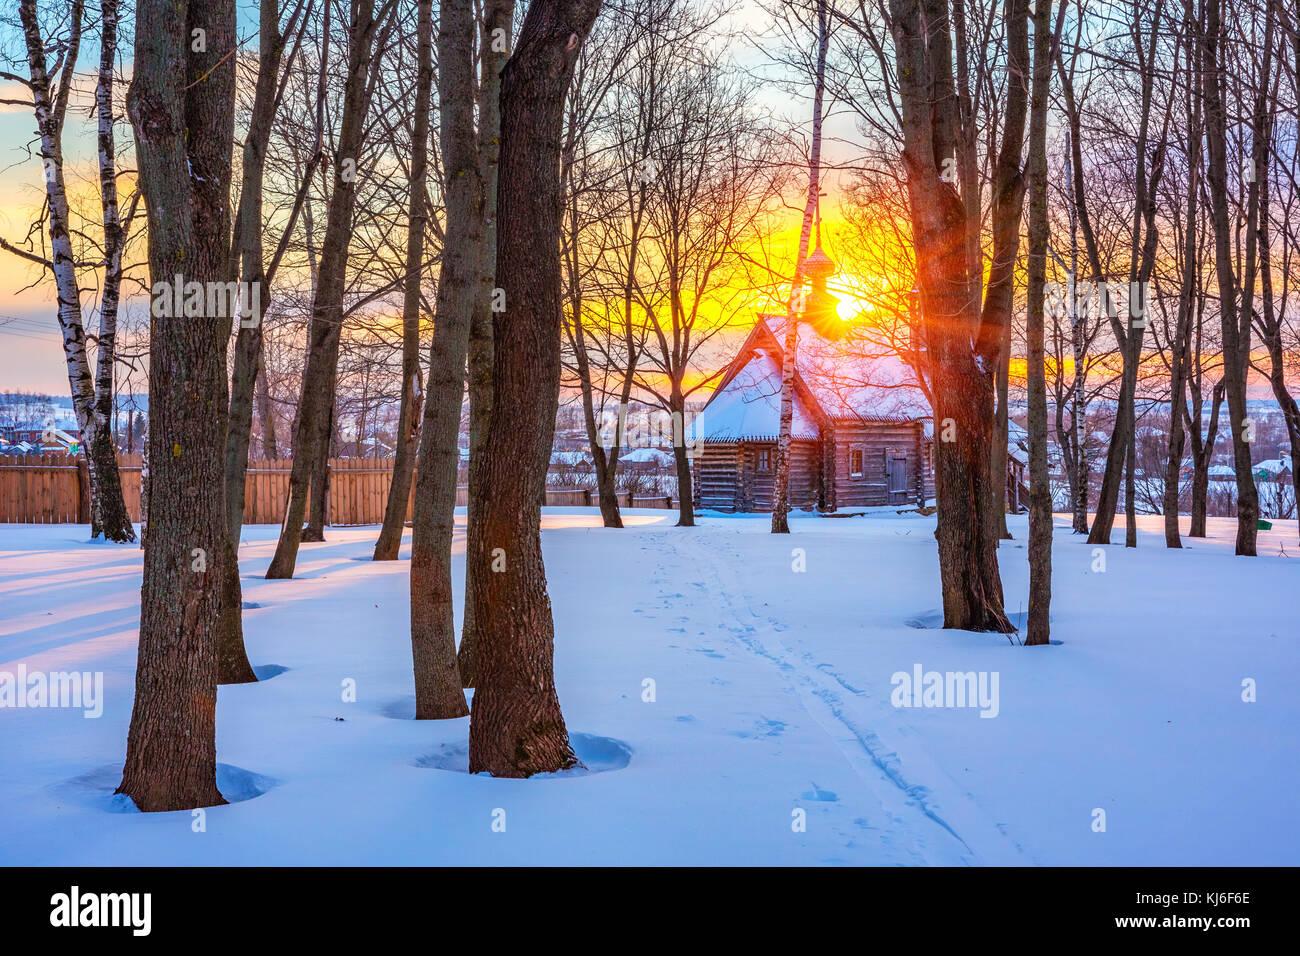 Russische Kirche im Winter Wald Stockbild